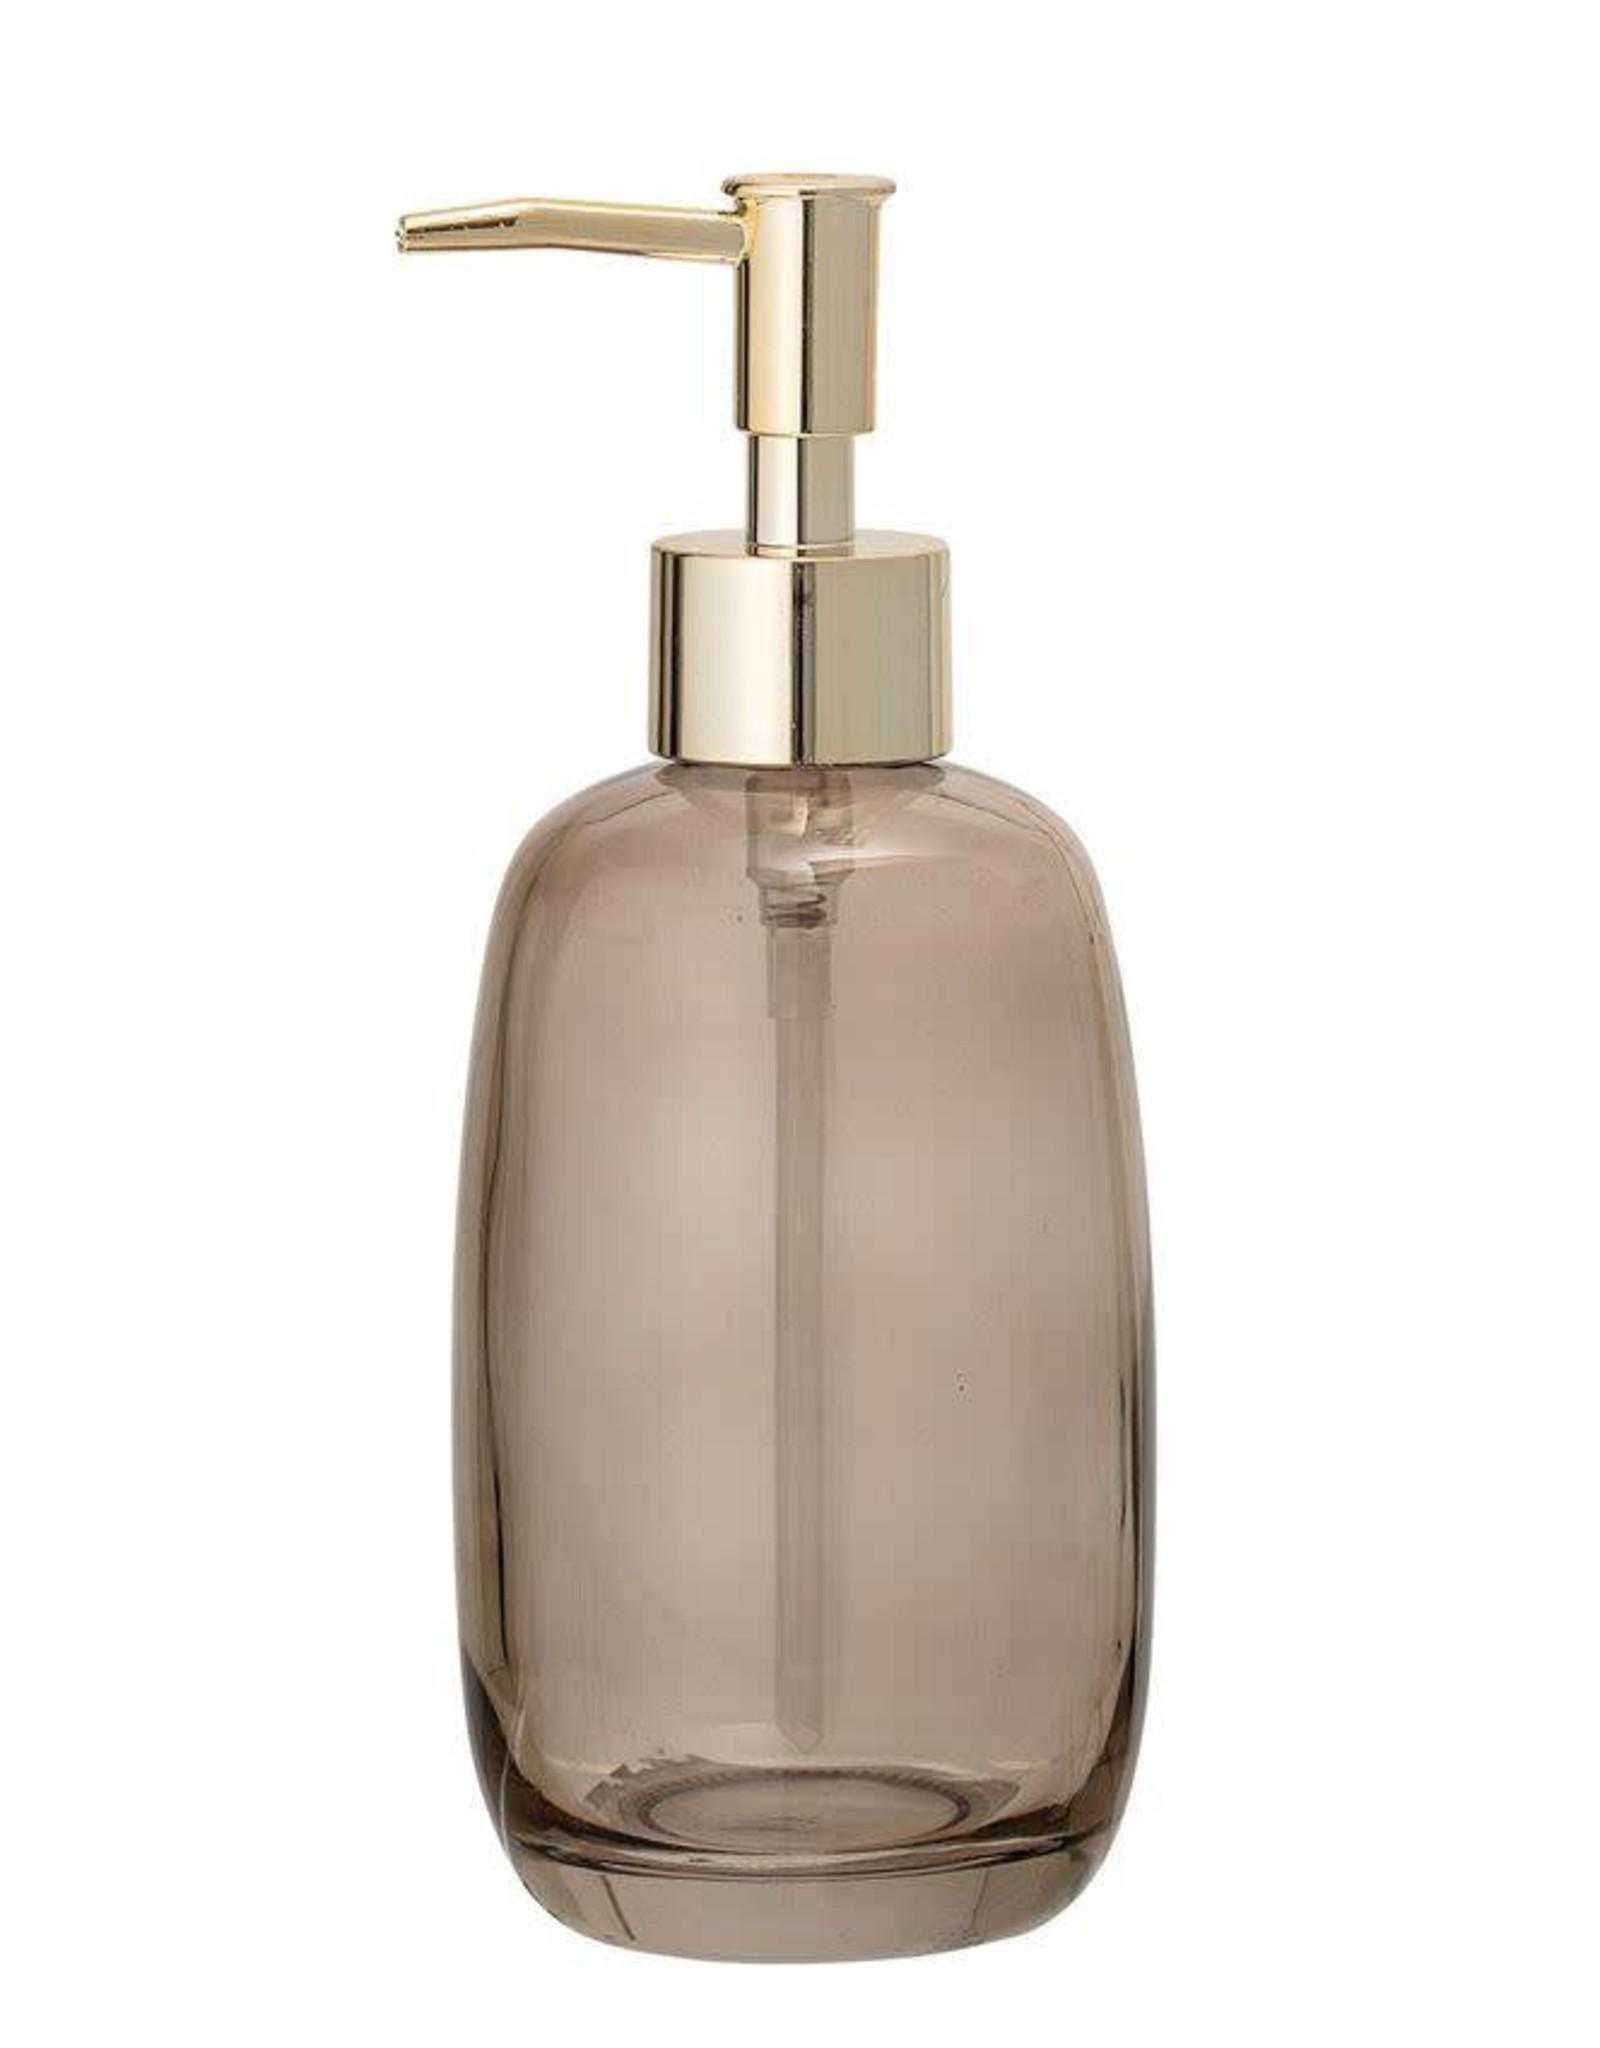 Glass Soap Dispenser w/ Pump - Smoke